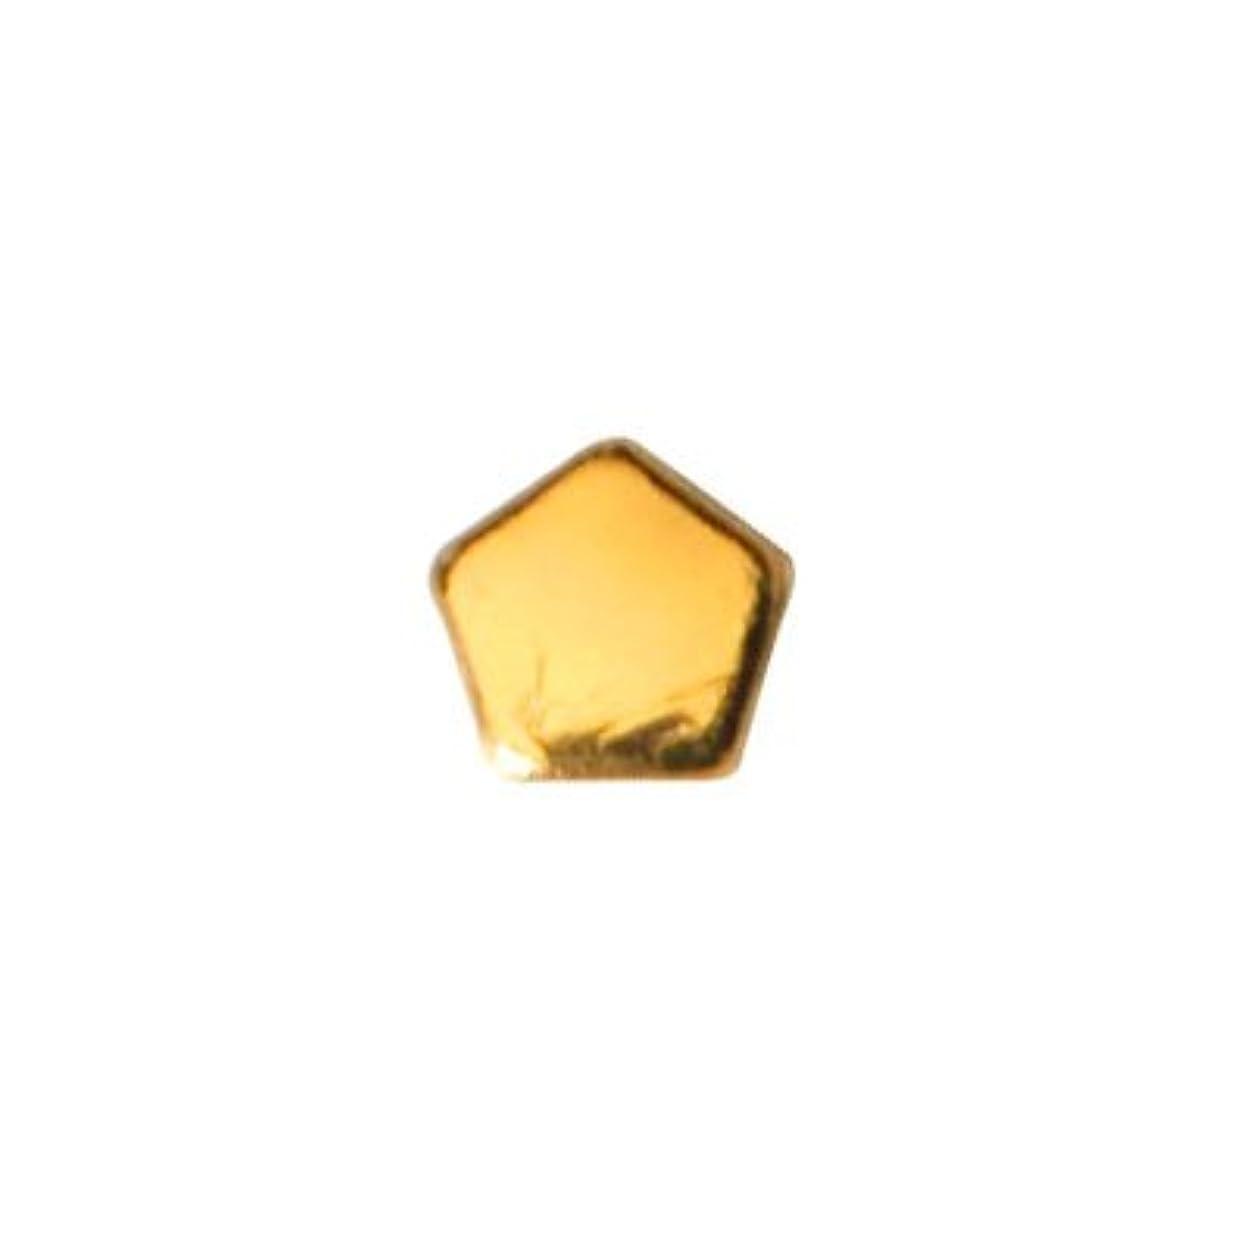 比較反論冊子ピアドラ スタッズ ペンタゴン 2mm 50P ゴールド